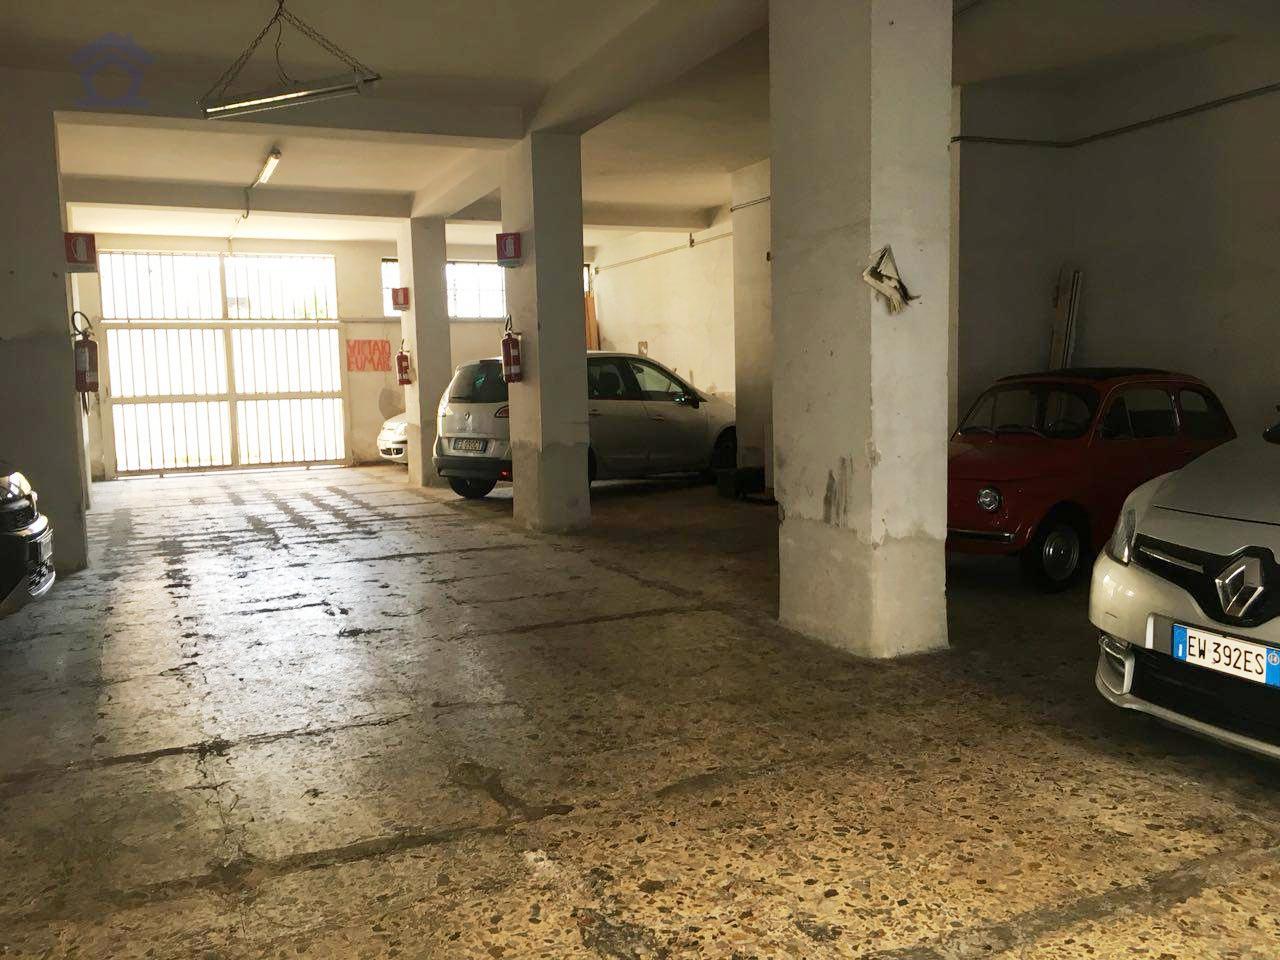 Agriturismo in vendita a Torre Annunziata, 9999 locali, zona Località: nord, prezzo € 250.000 | CambioCasa.it